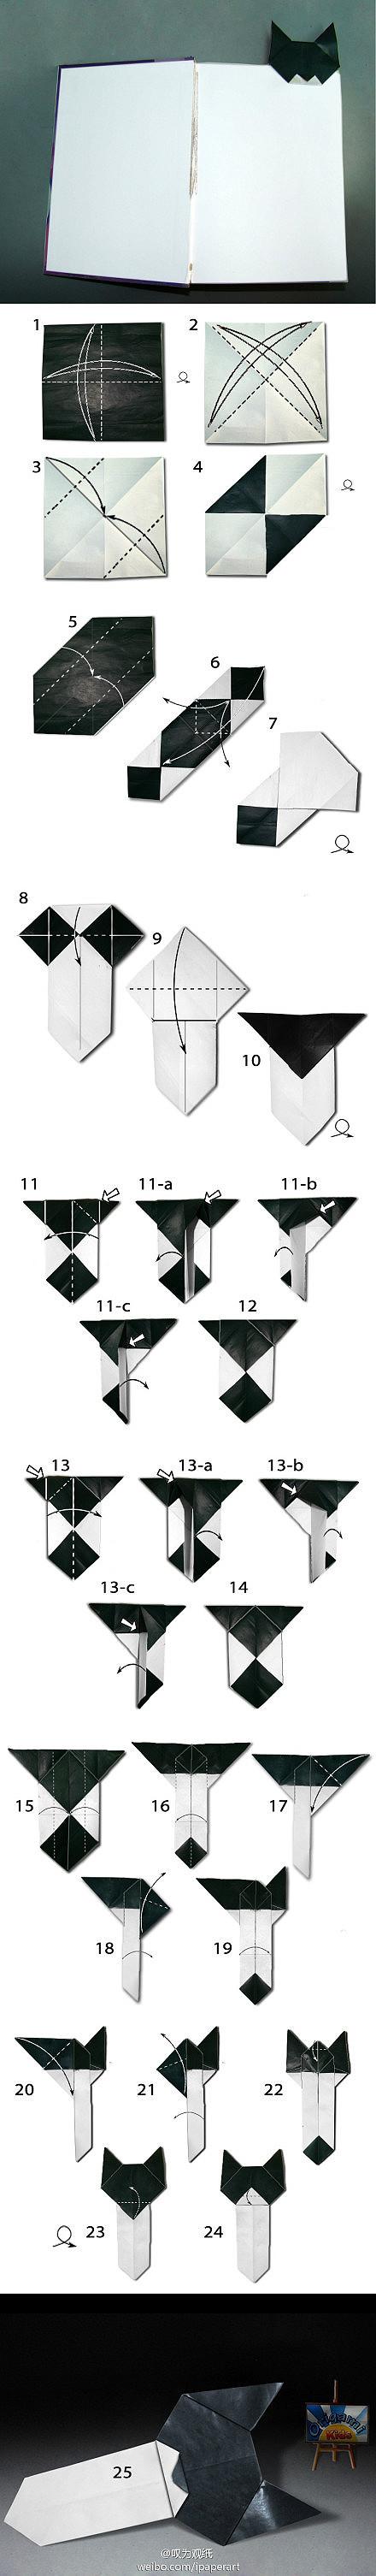 Origami Cat Bookmark Or Is It A Batman